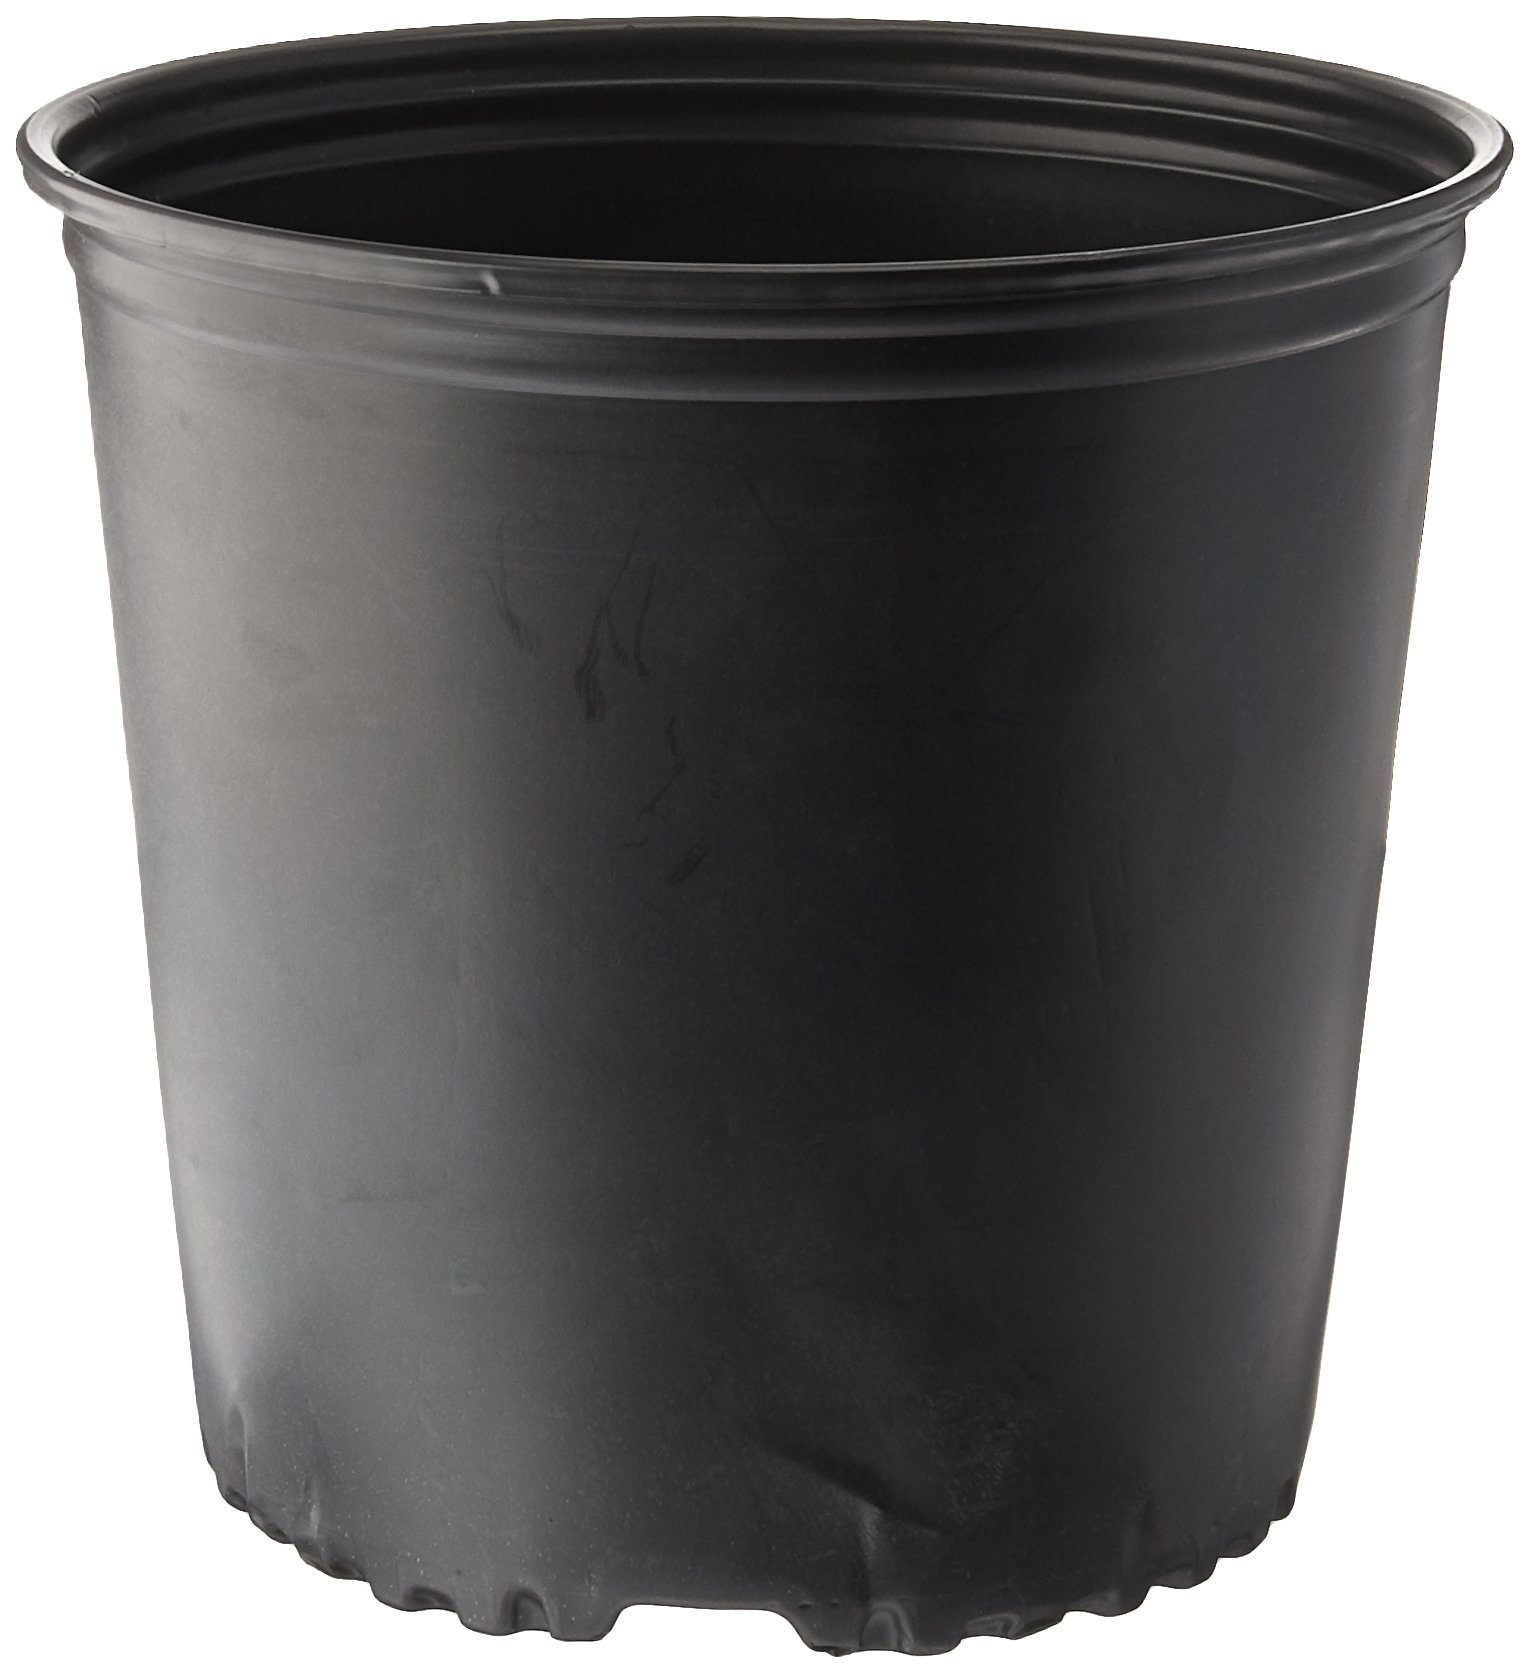 Viagrow 2 Gal. Plastic Nursery Pots (7.57 liters) 10-Pack by Viagrow